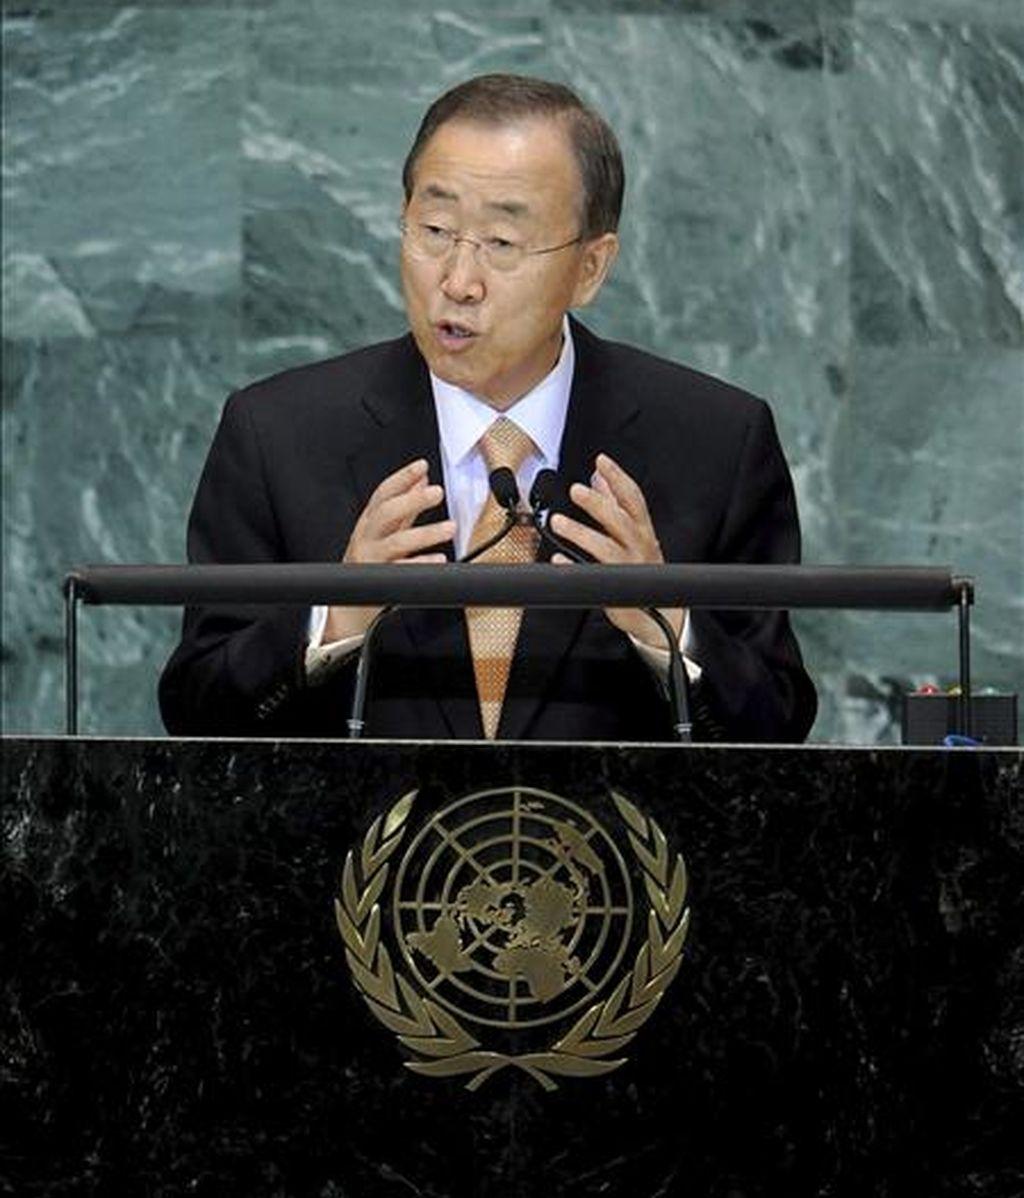 El secretario general de la ONU, Ban Ki-moon, participa en la Convención sobre biodiversidad, donde presentó una nueva estrategia global para acelerar la reducción de la mortalidad infantil y materna. EFE